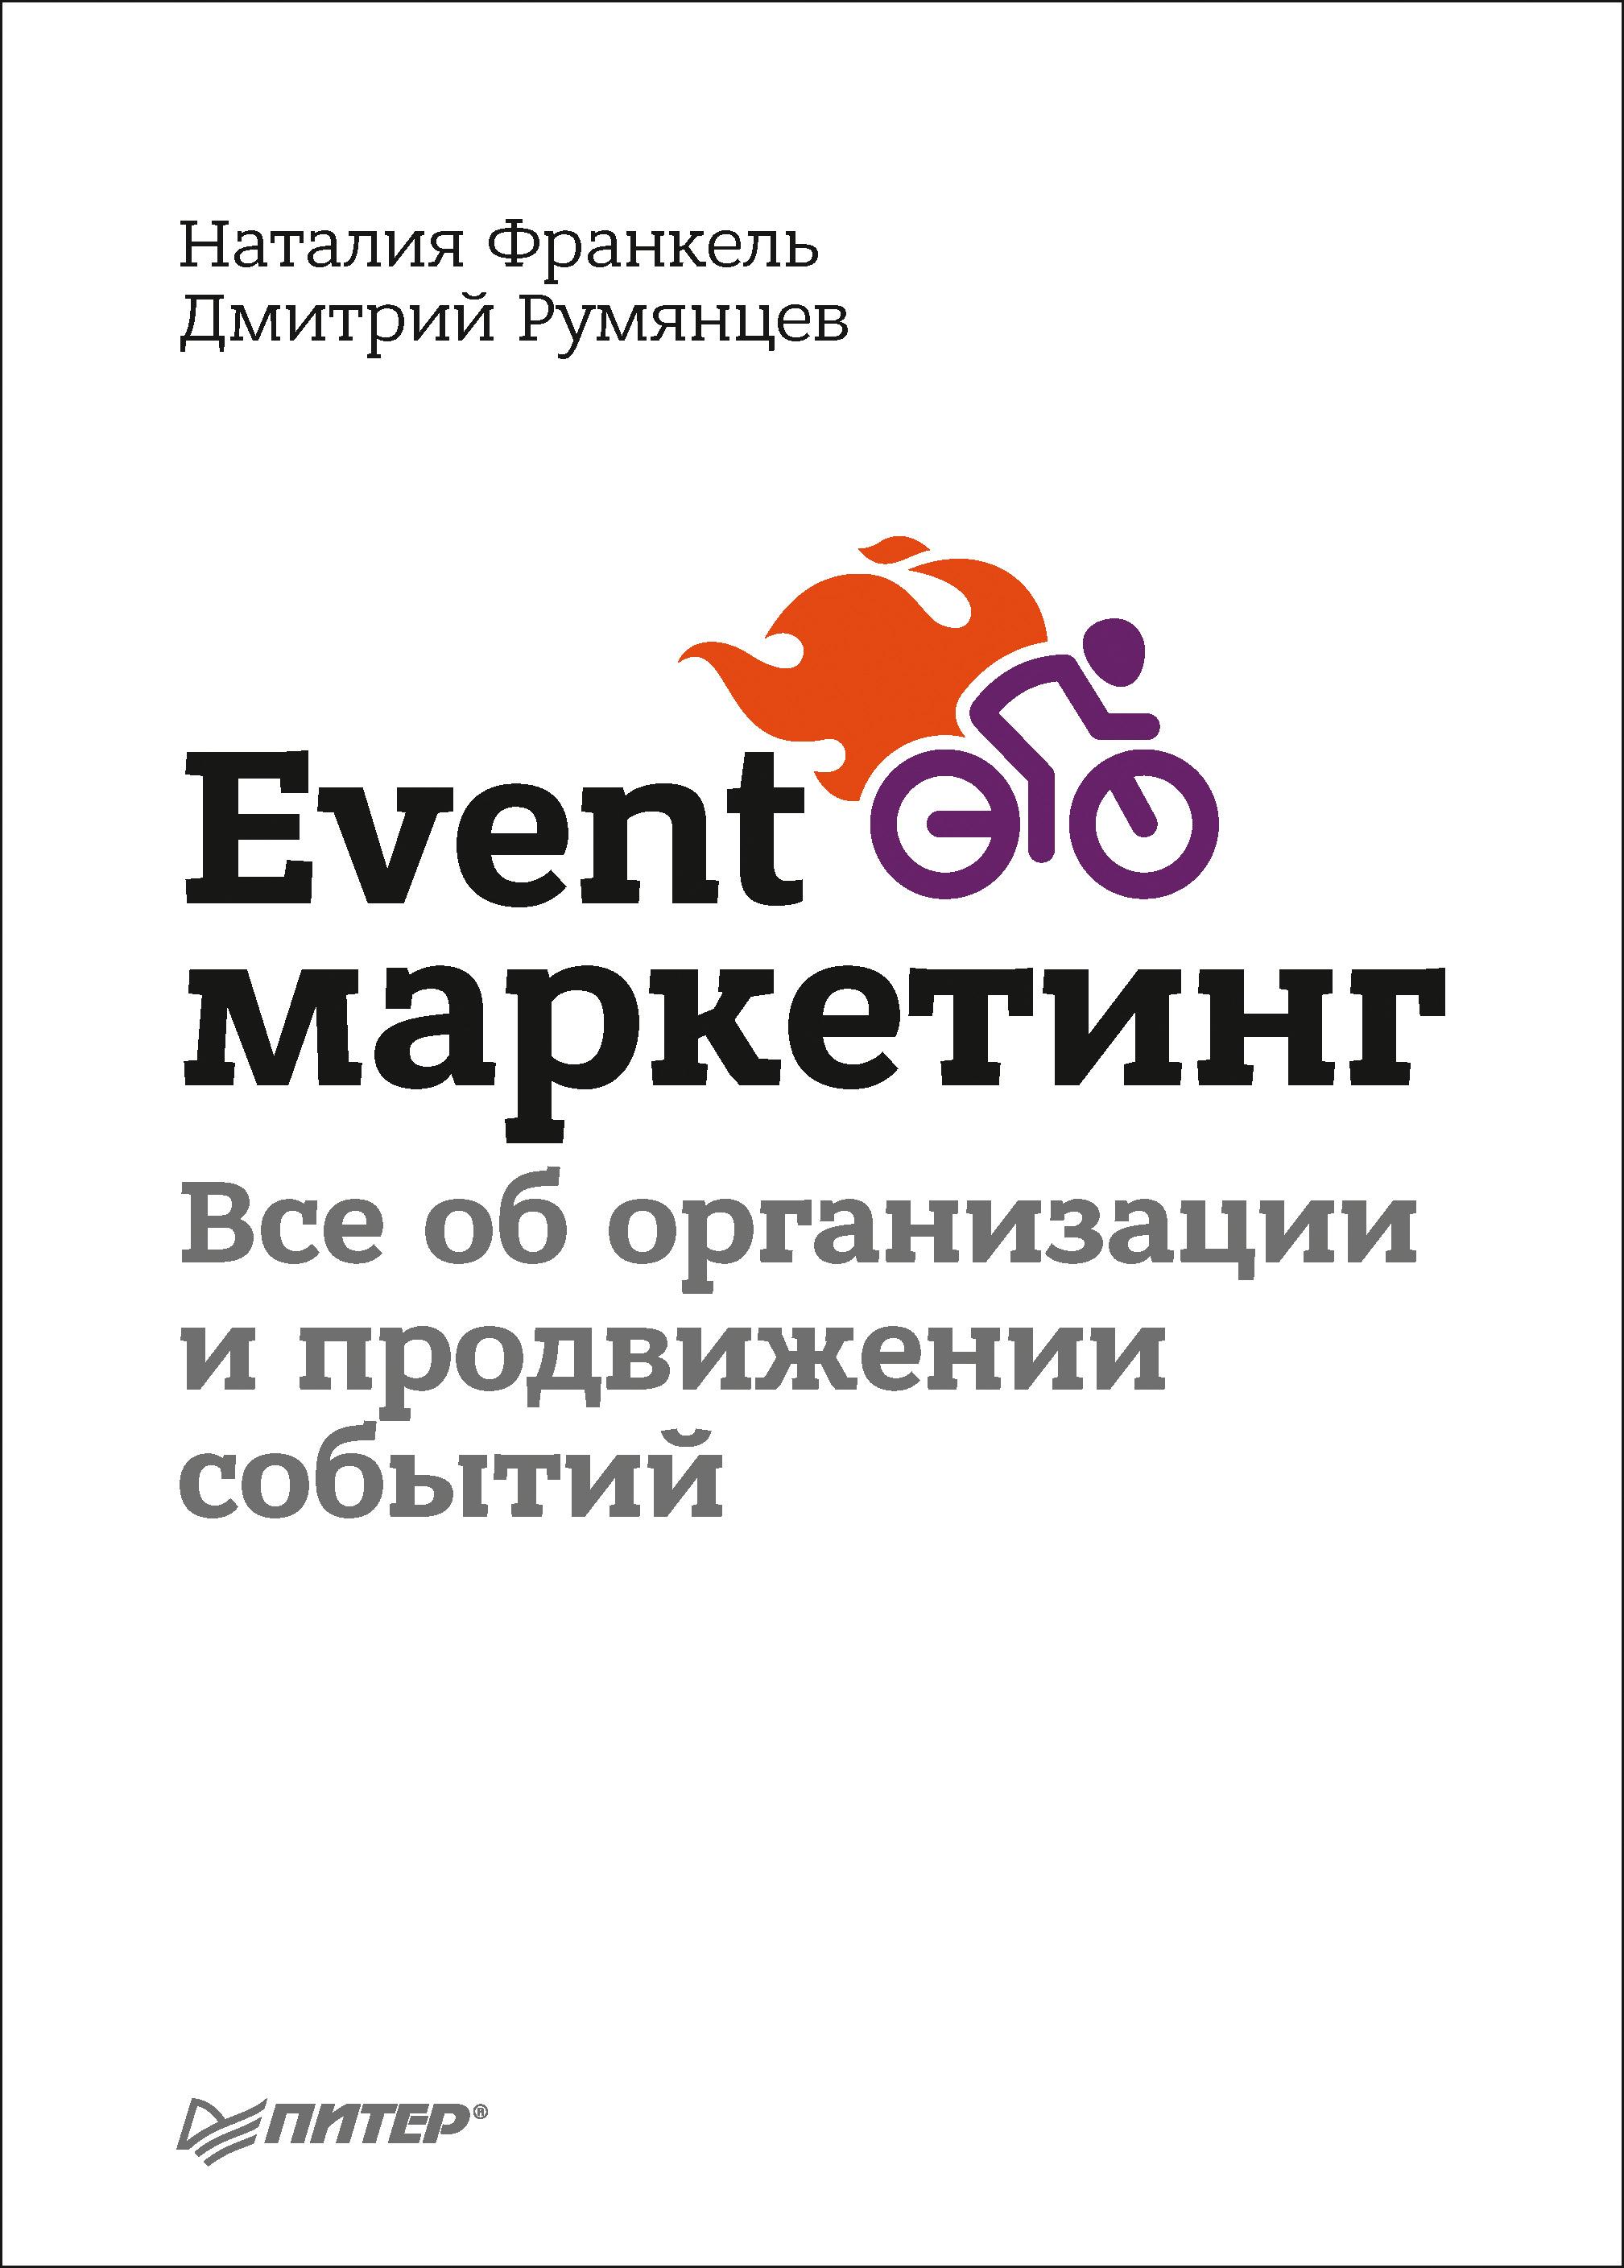 Дмитрий Румянцев Event-маркетинг. Все об организации и продвижении событий питер свой бизнес в вконтакте как привлекать по 100 клиентов в день